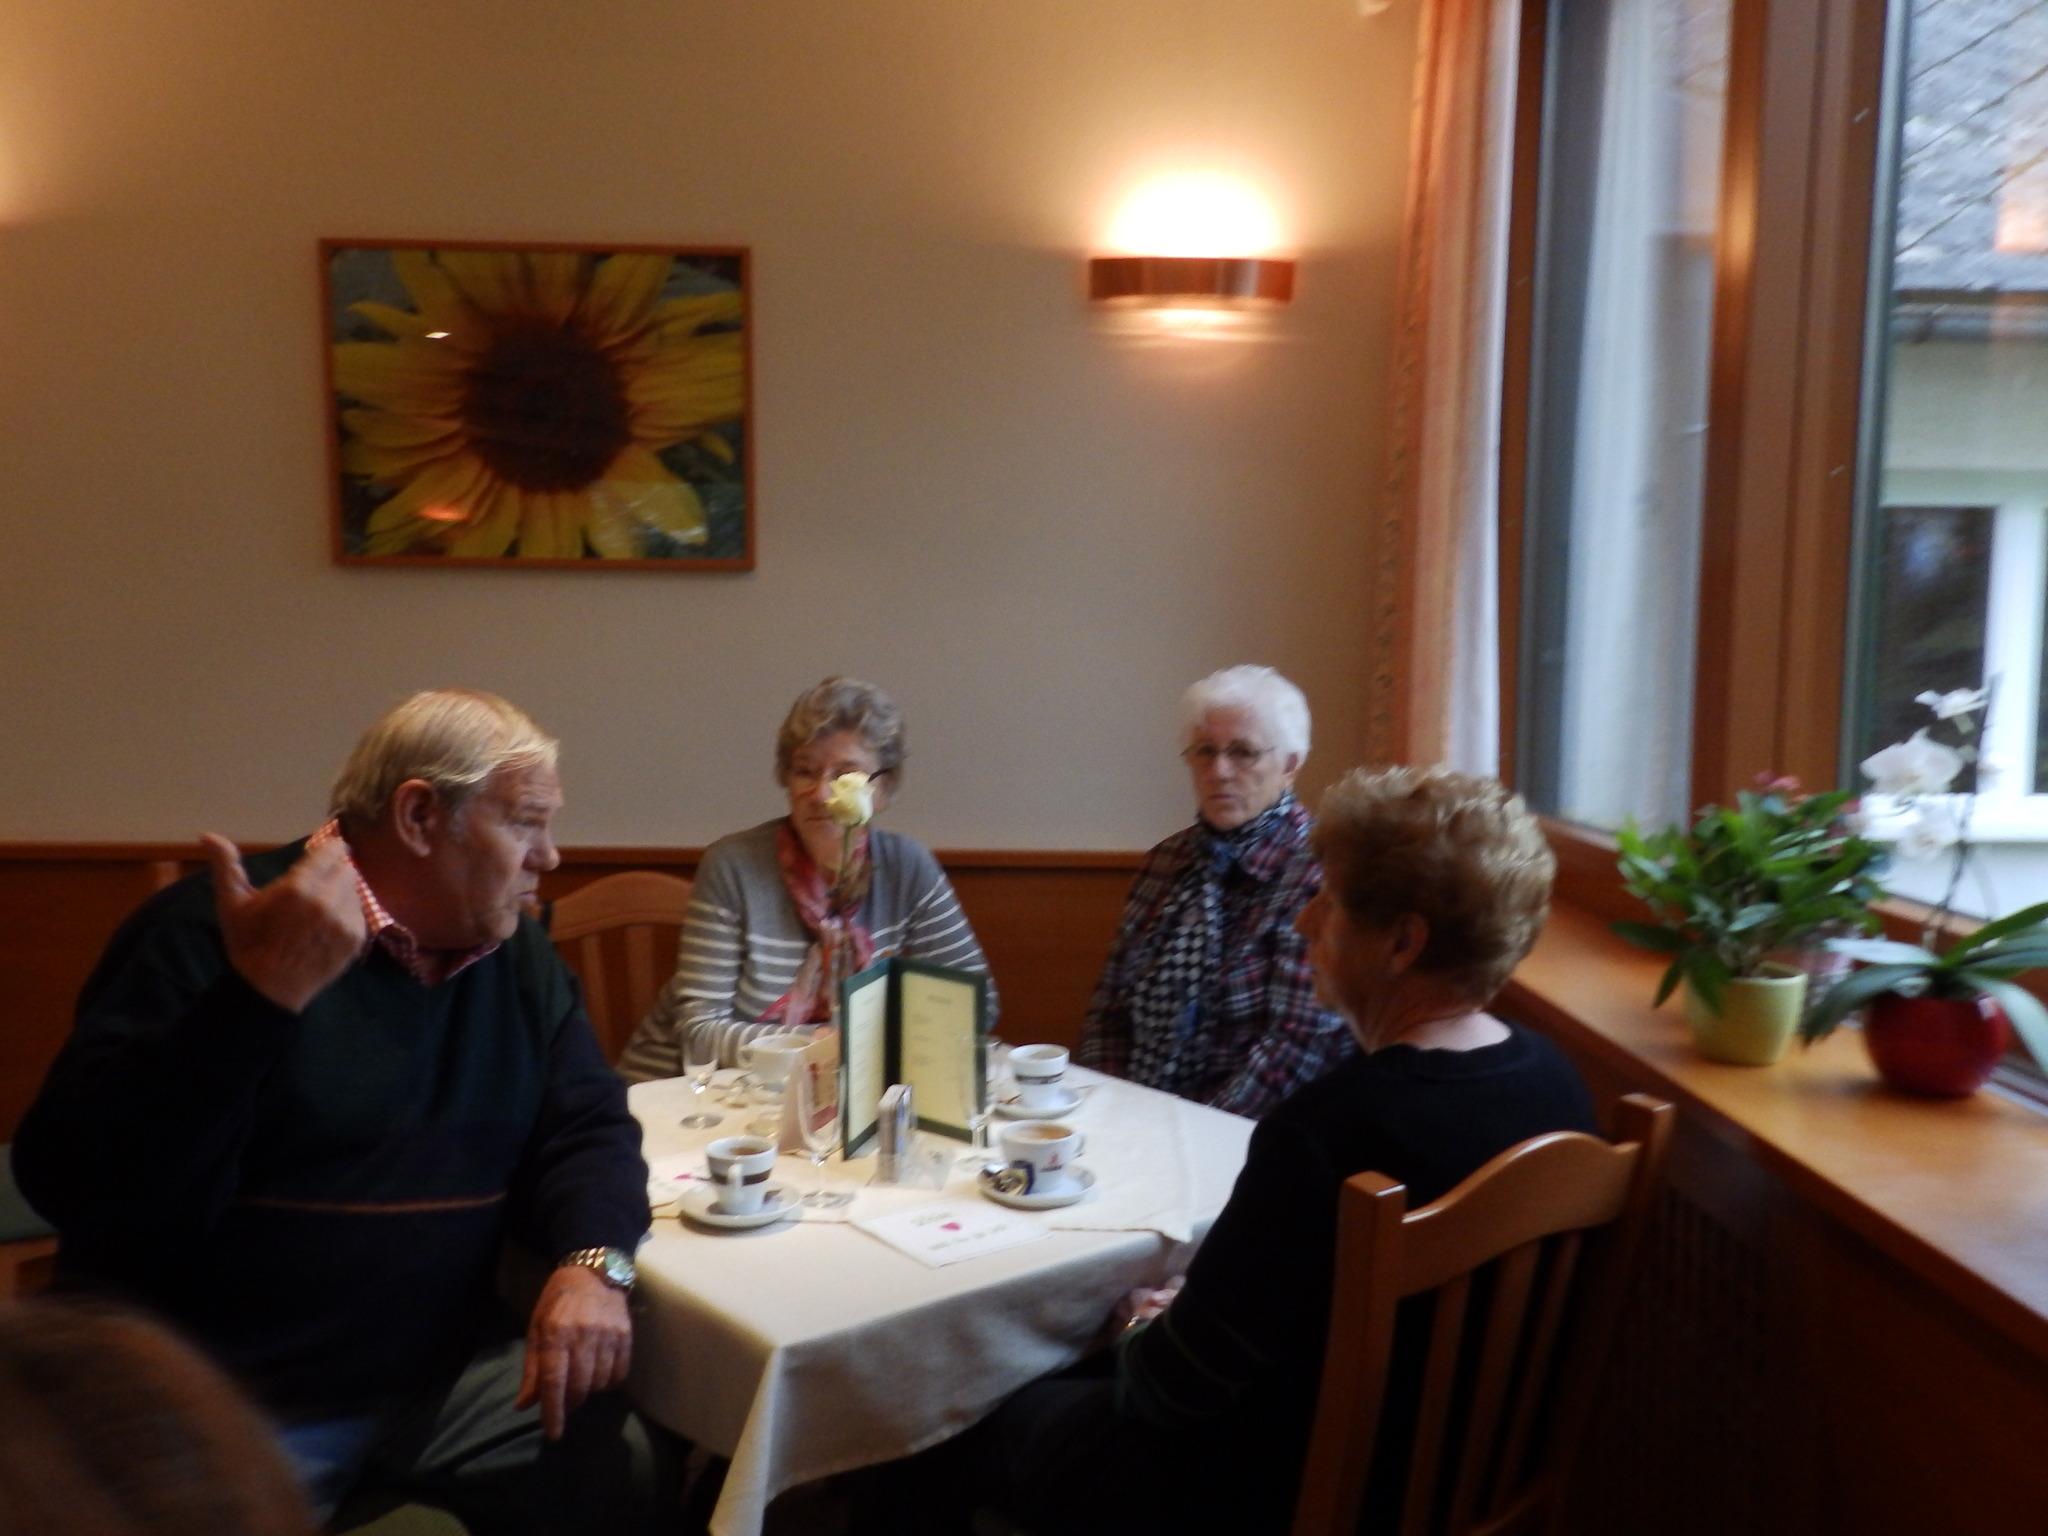 Frauen suchen mann gro-enzersdorf. Meine stadt singles in